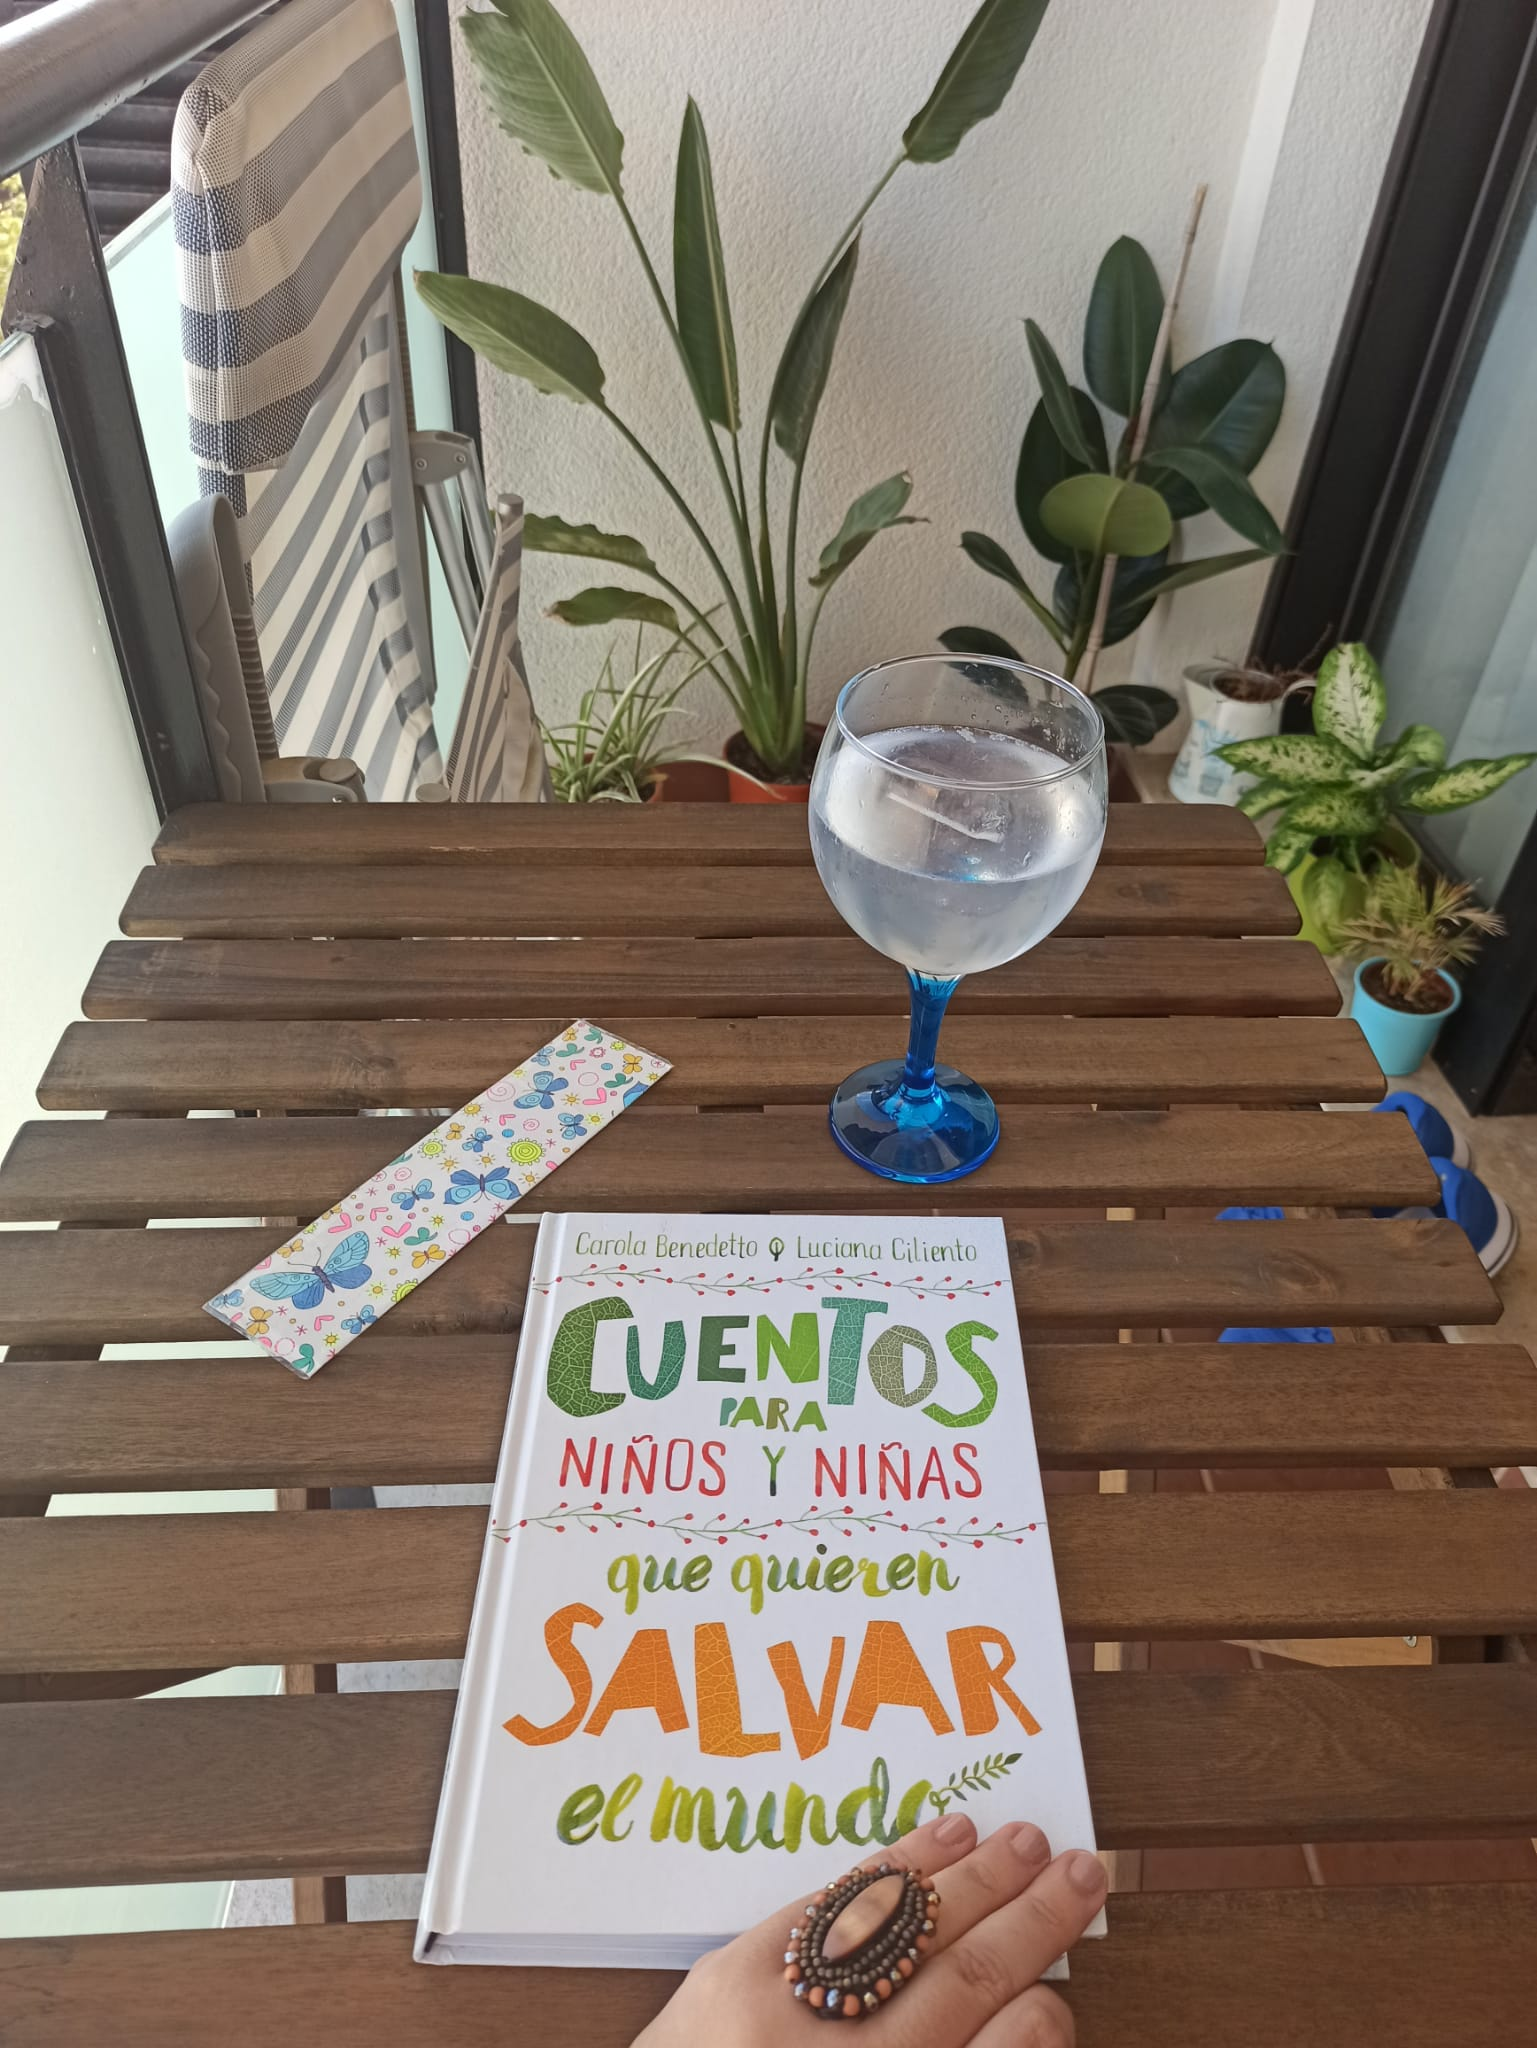 CUENTOS PARA NIÑOS Y NIÑAS QUE QUIEREN SALVAR EL MUNDO, de Carola Benedetto y Luciana Ciliento.